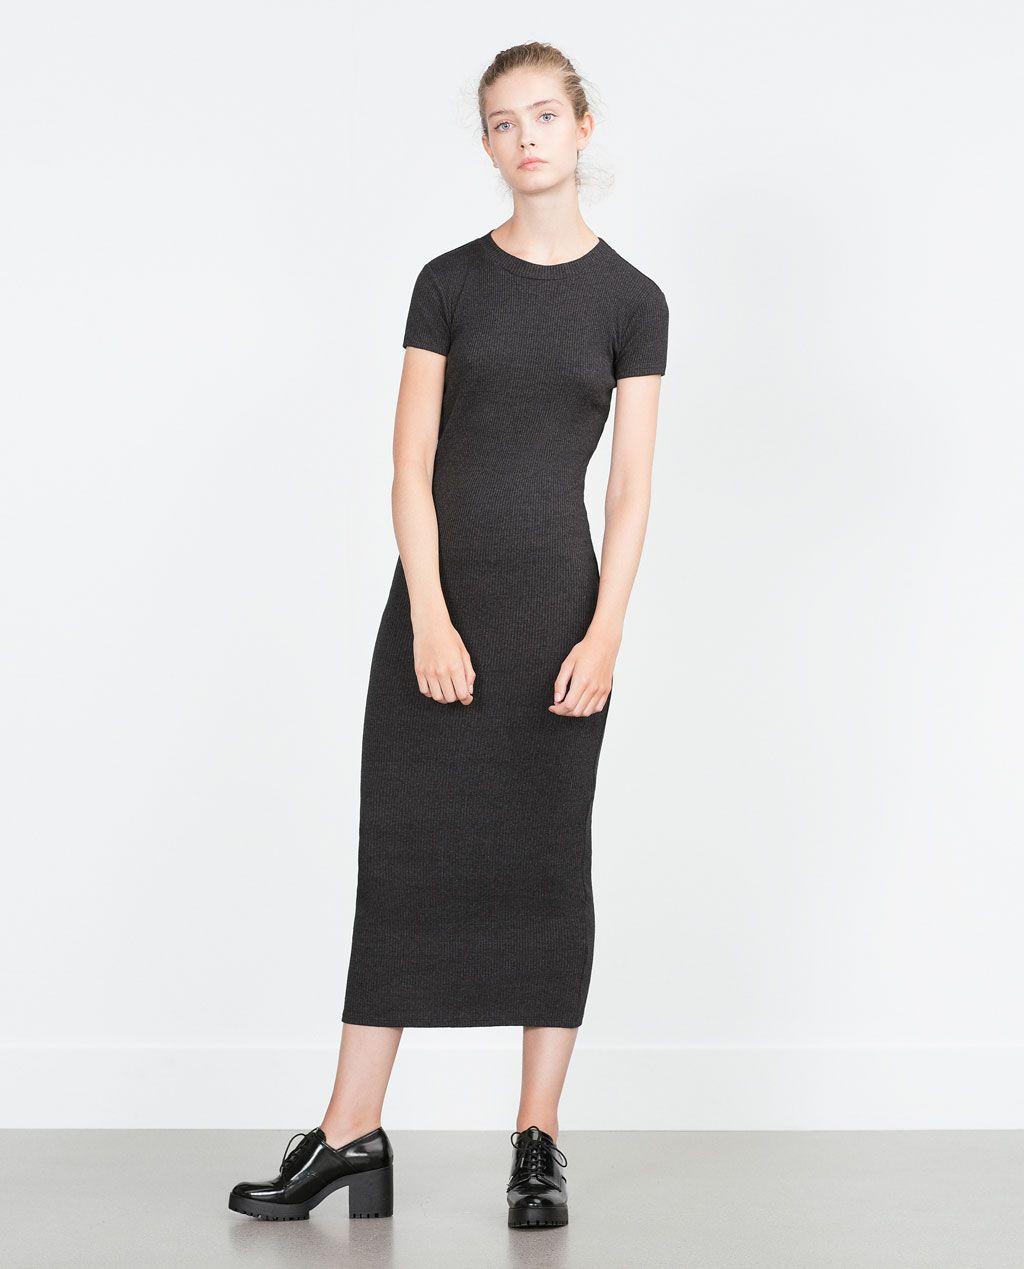 Vestido Y CanaléNoir Zara Mujer CanaleVestidos N8nyv0wmO